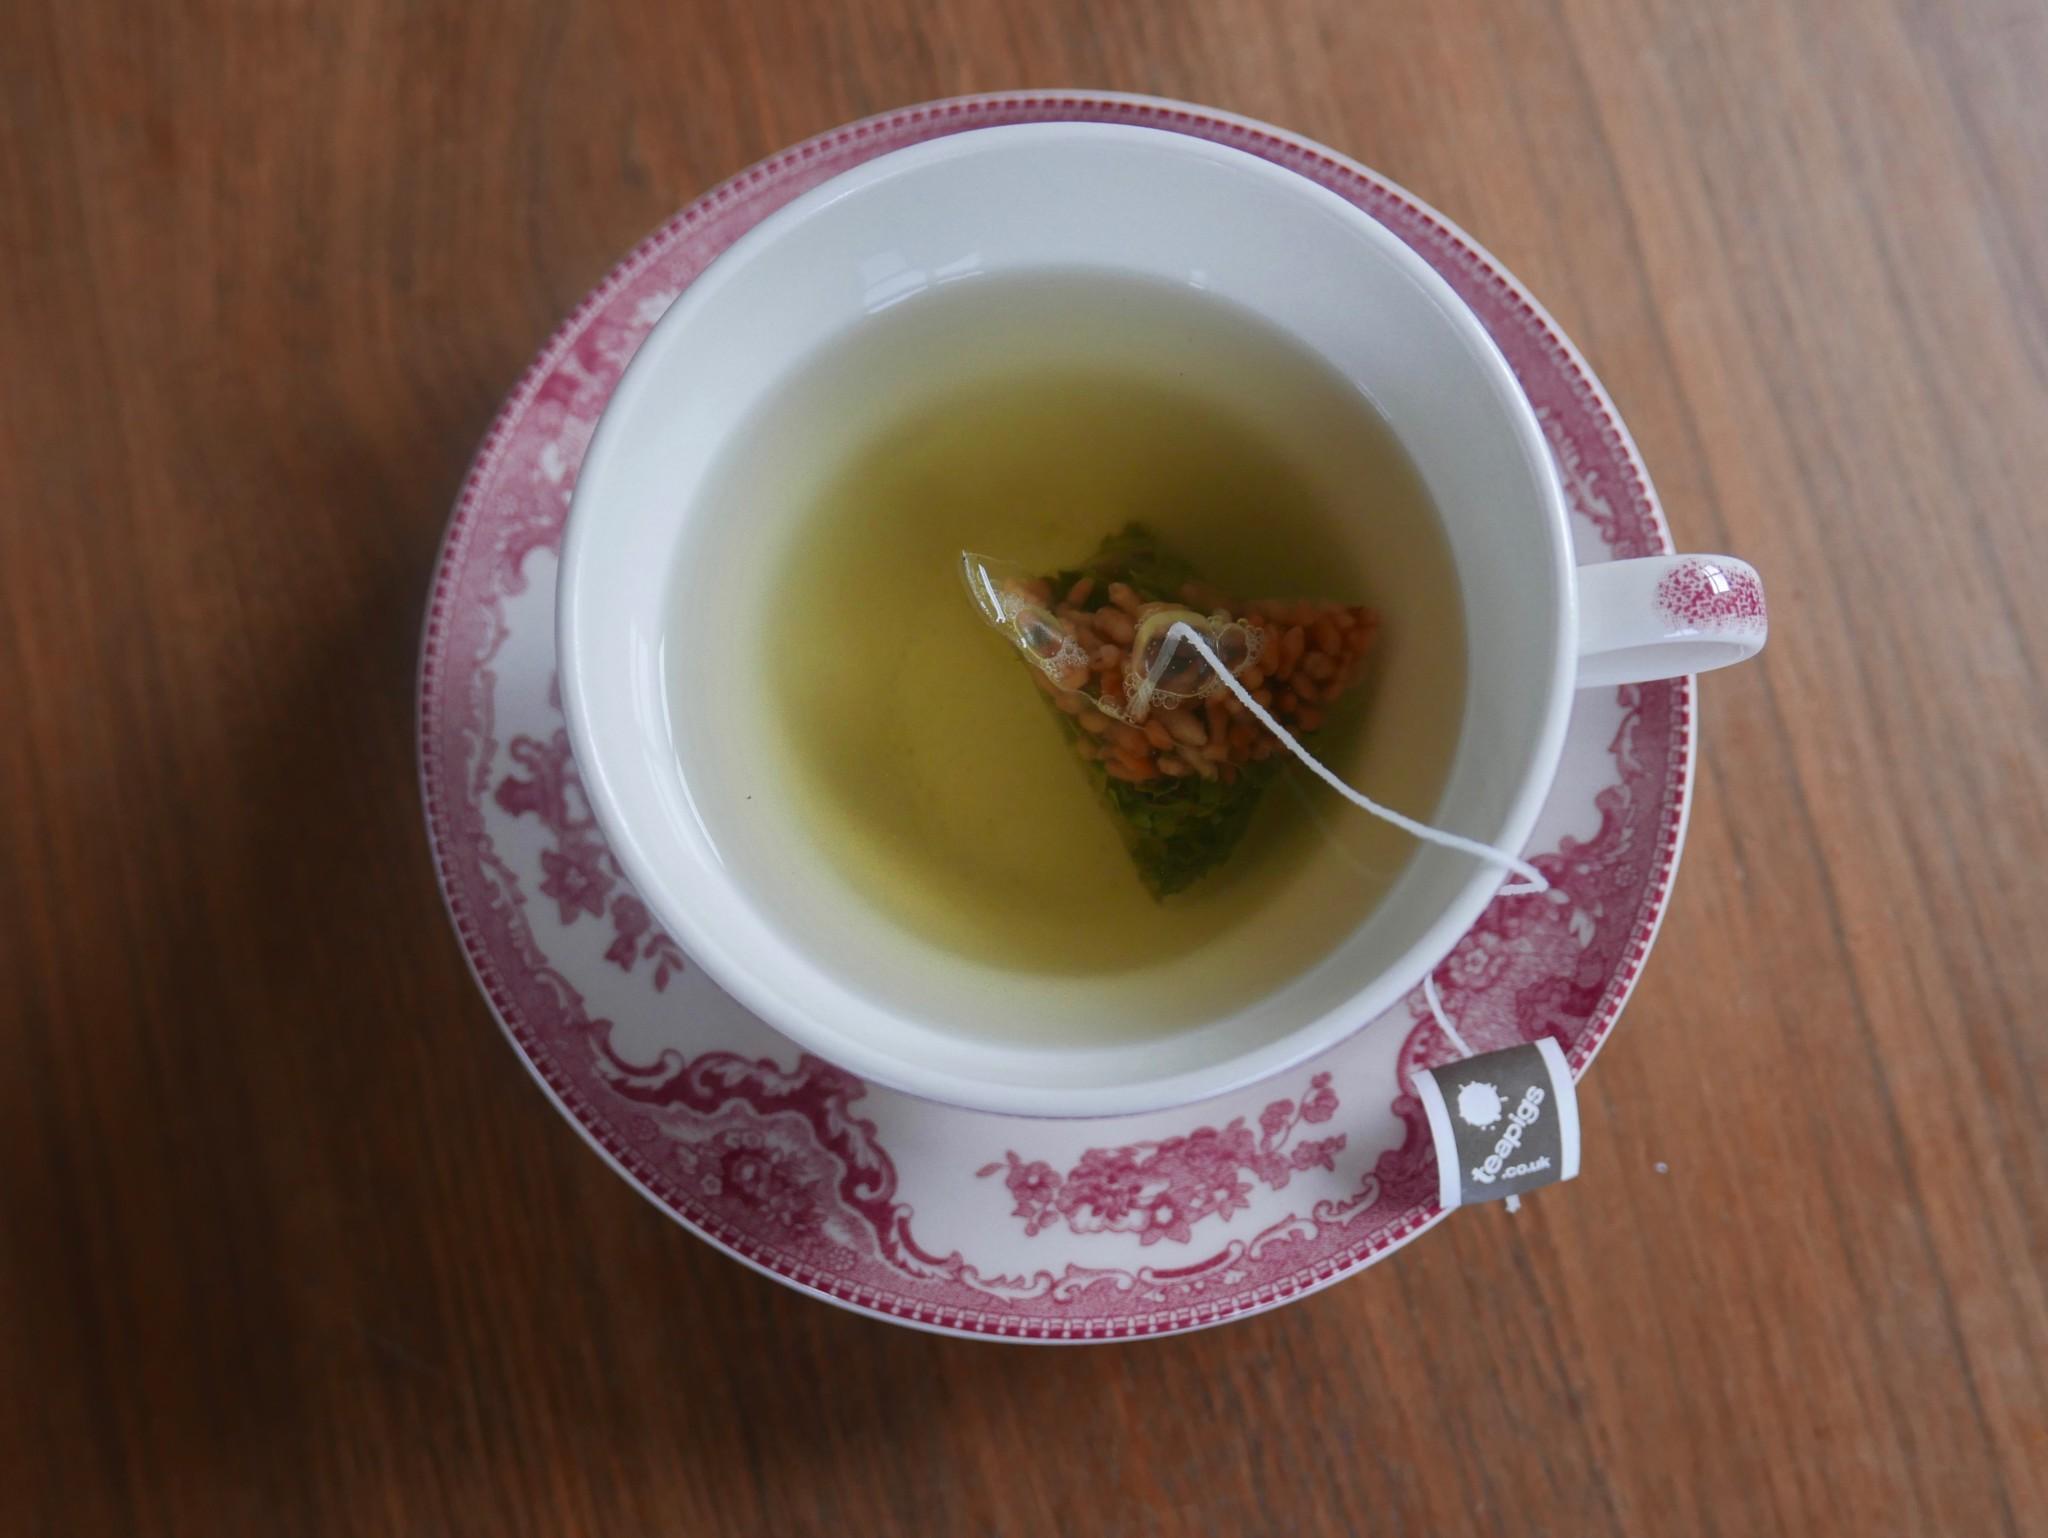 popcorn-tea-teapigs-porcelain-cup